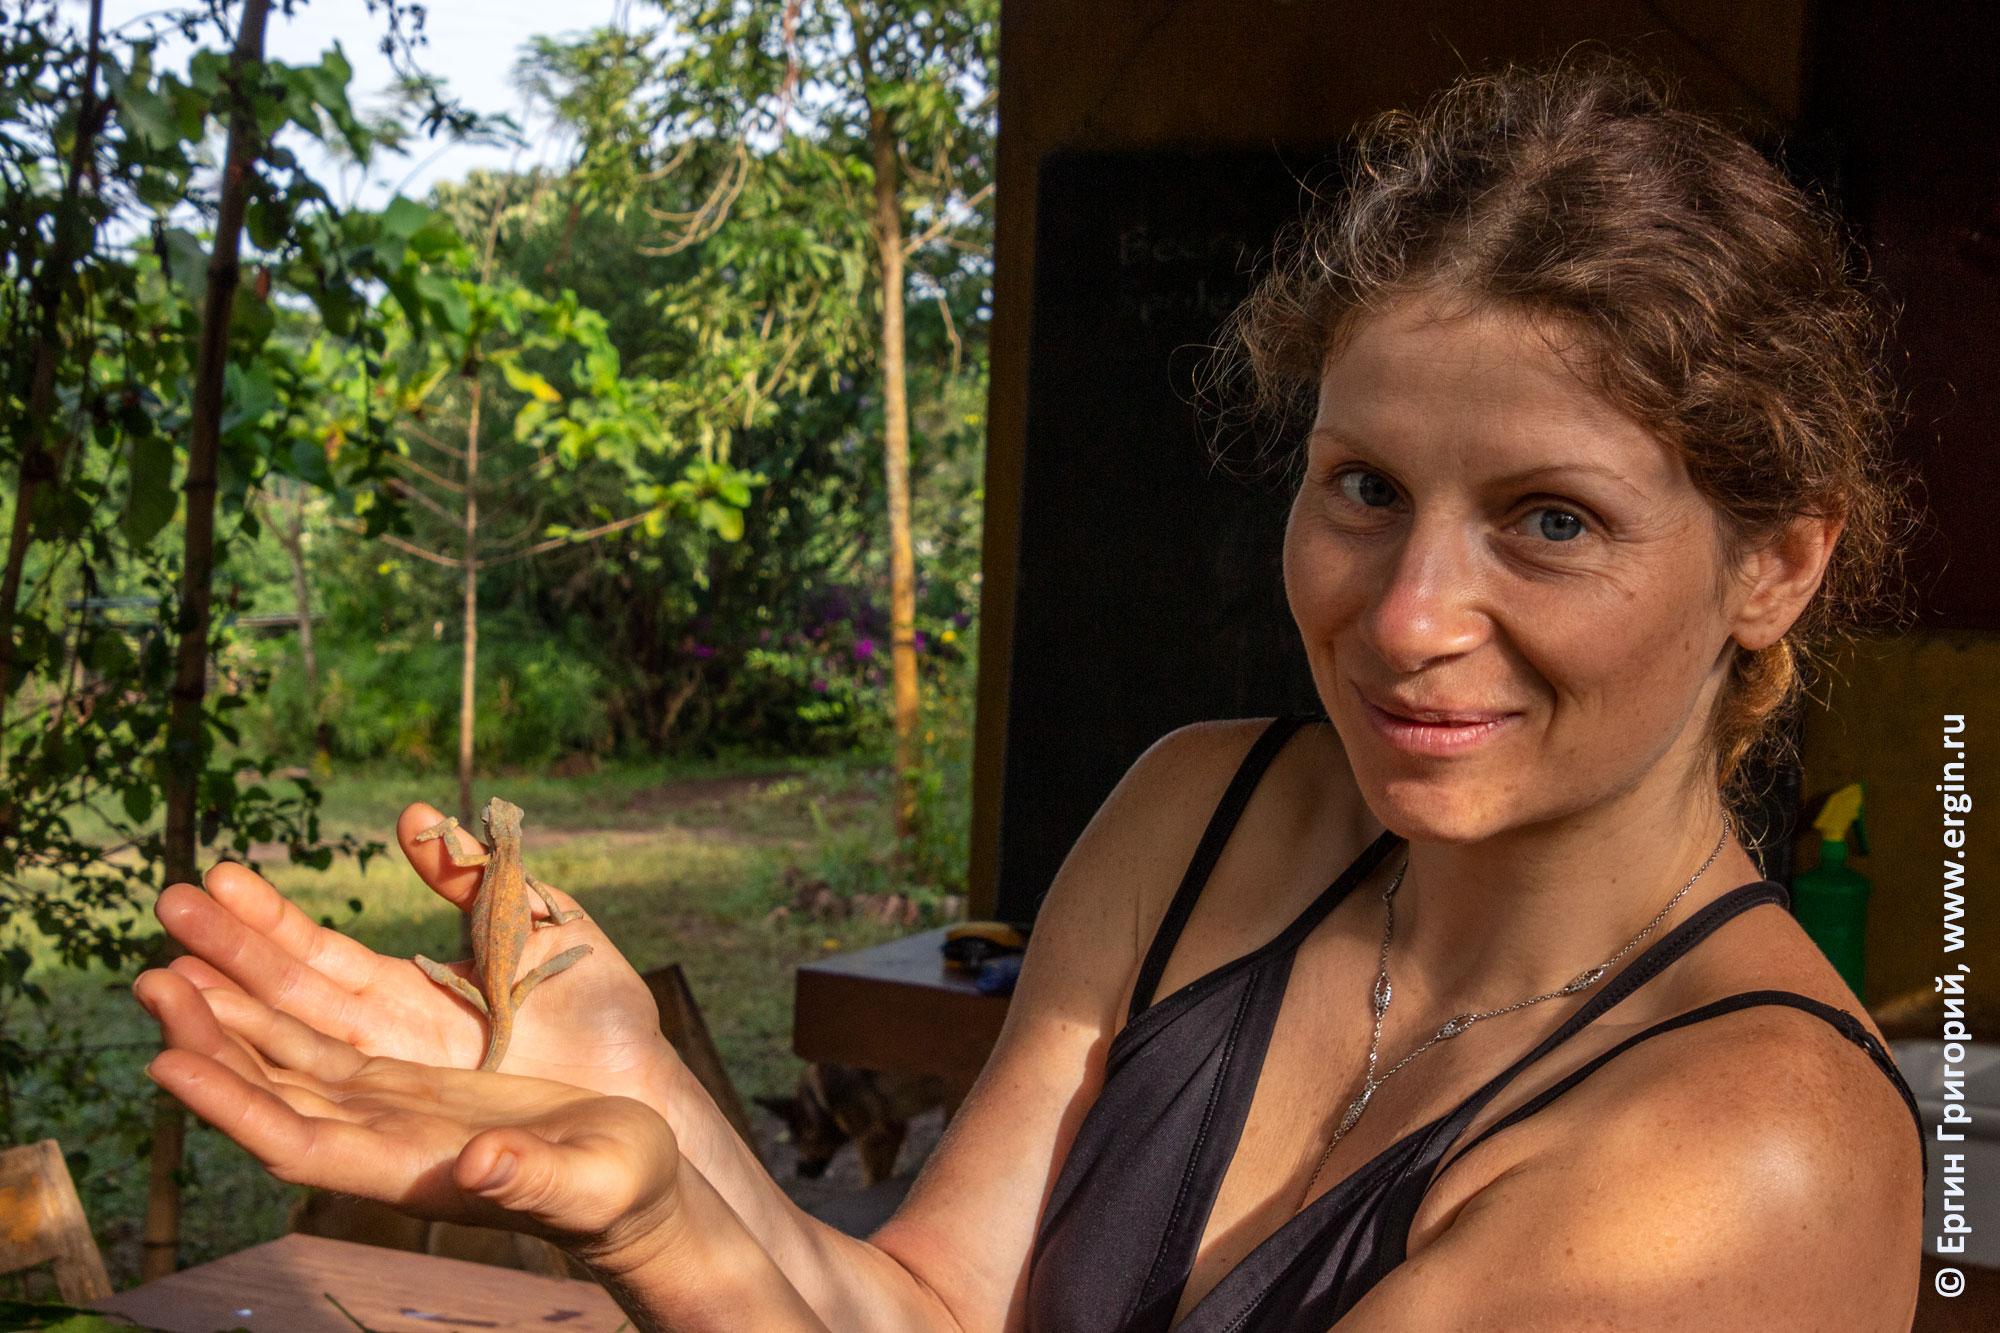 Девушка держит на руке хамелеона